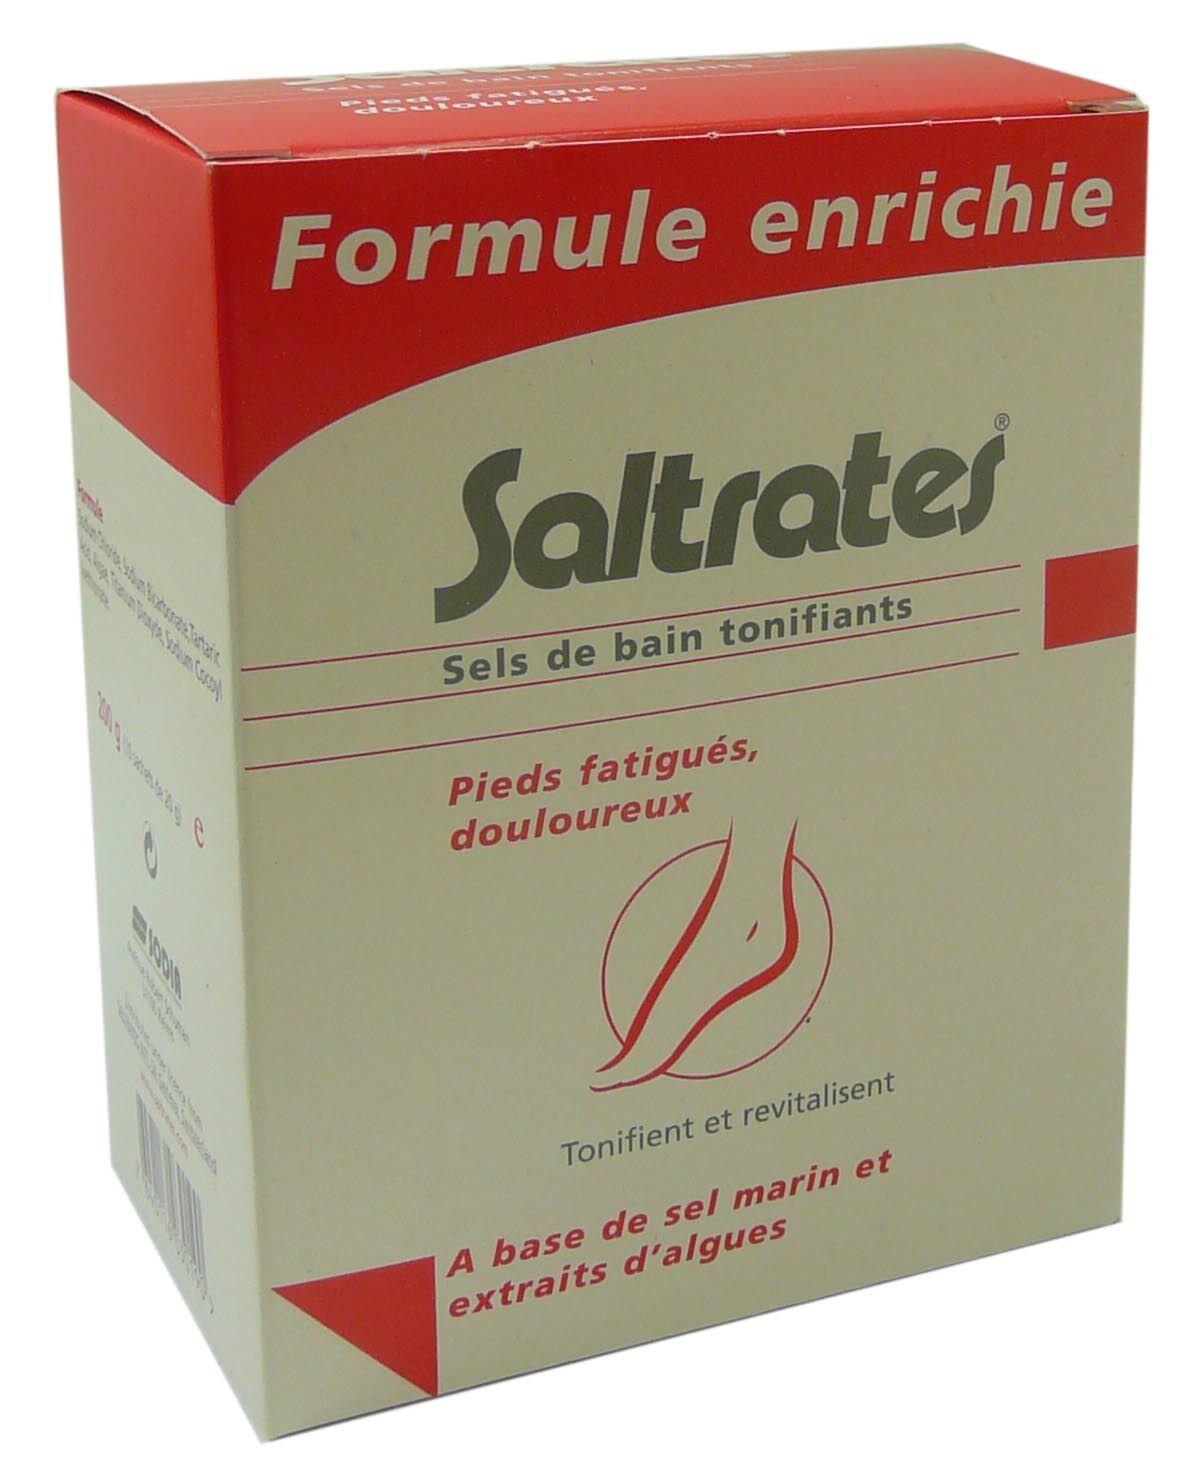 DIVERS Saltrates sels de bain tonifiants formule enrichie 10 sachets